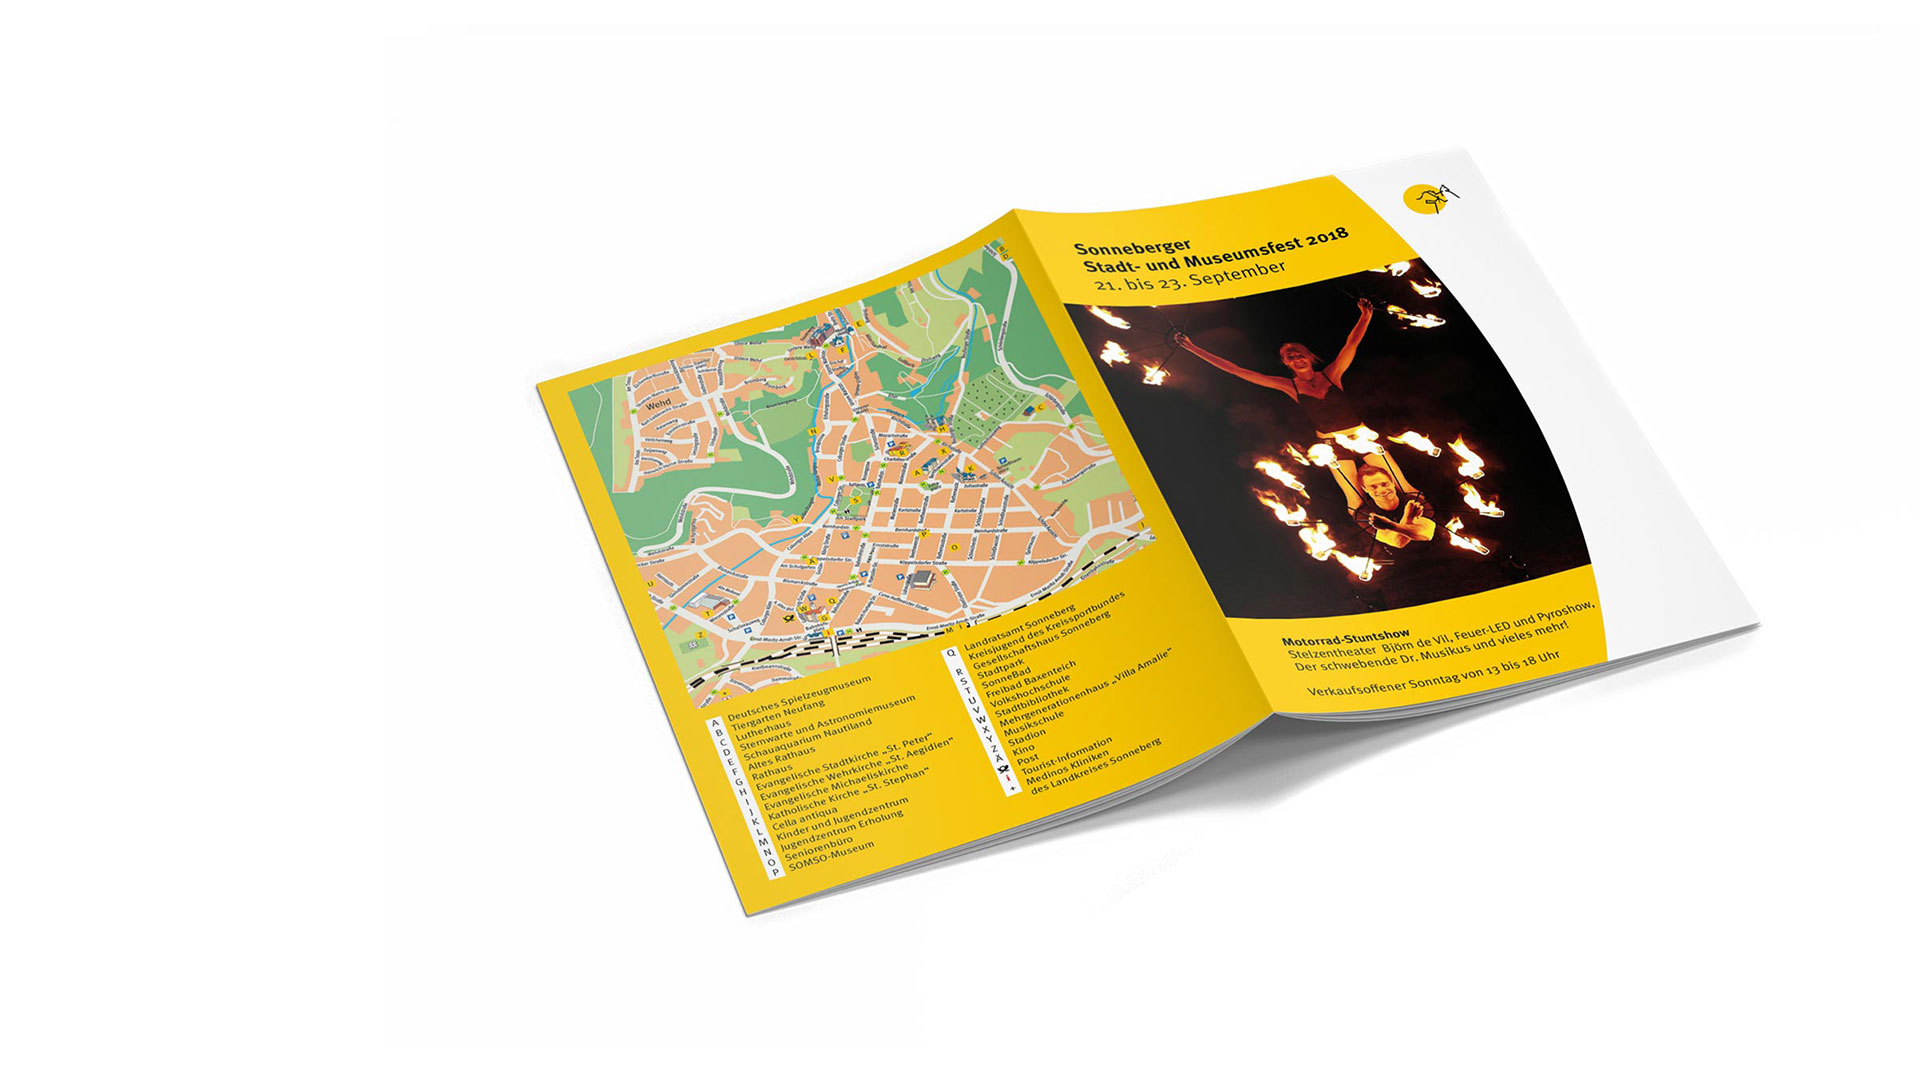 Drucksachen-7-ACH-UND-KRACH-Werbeagentur-Sonneberg